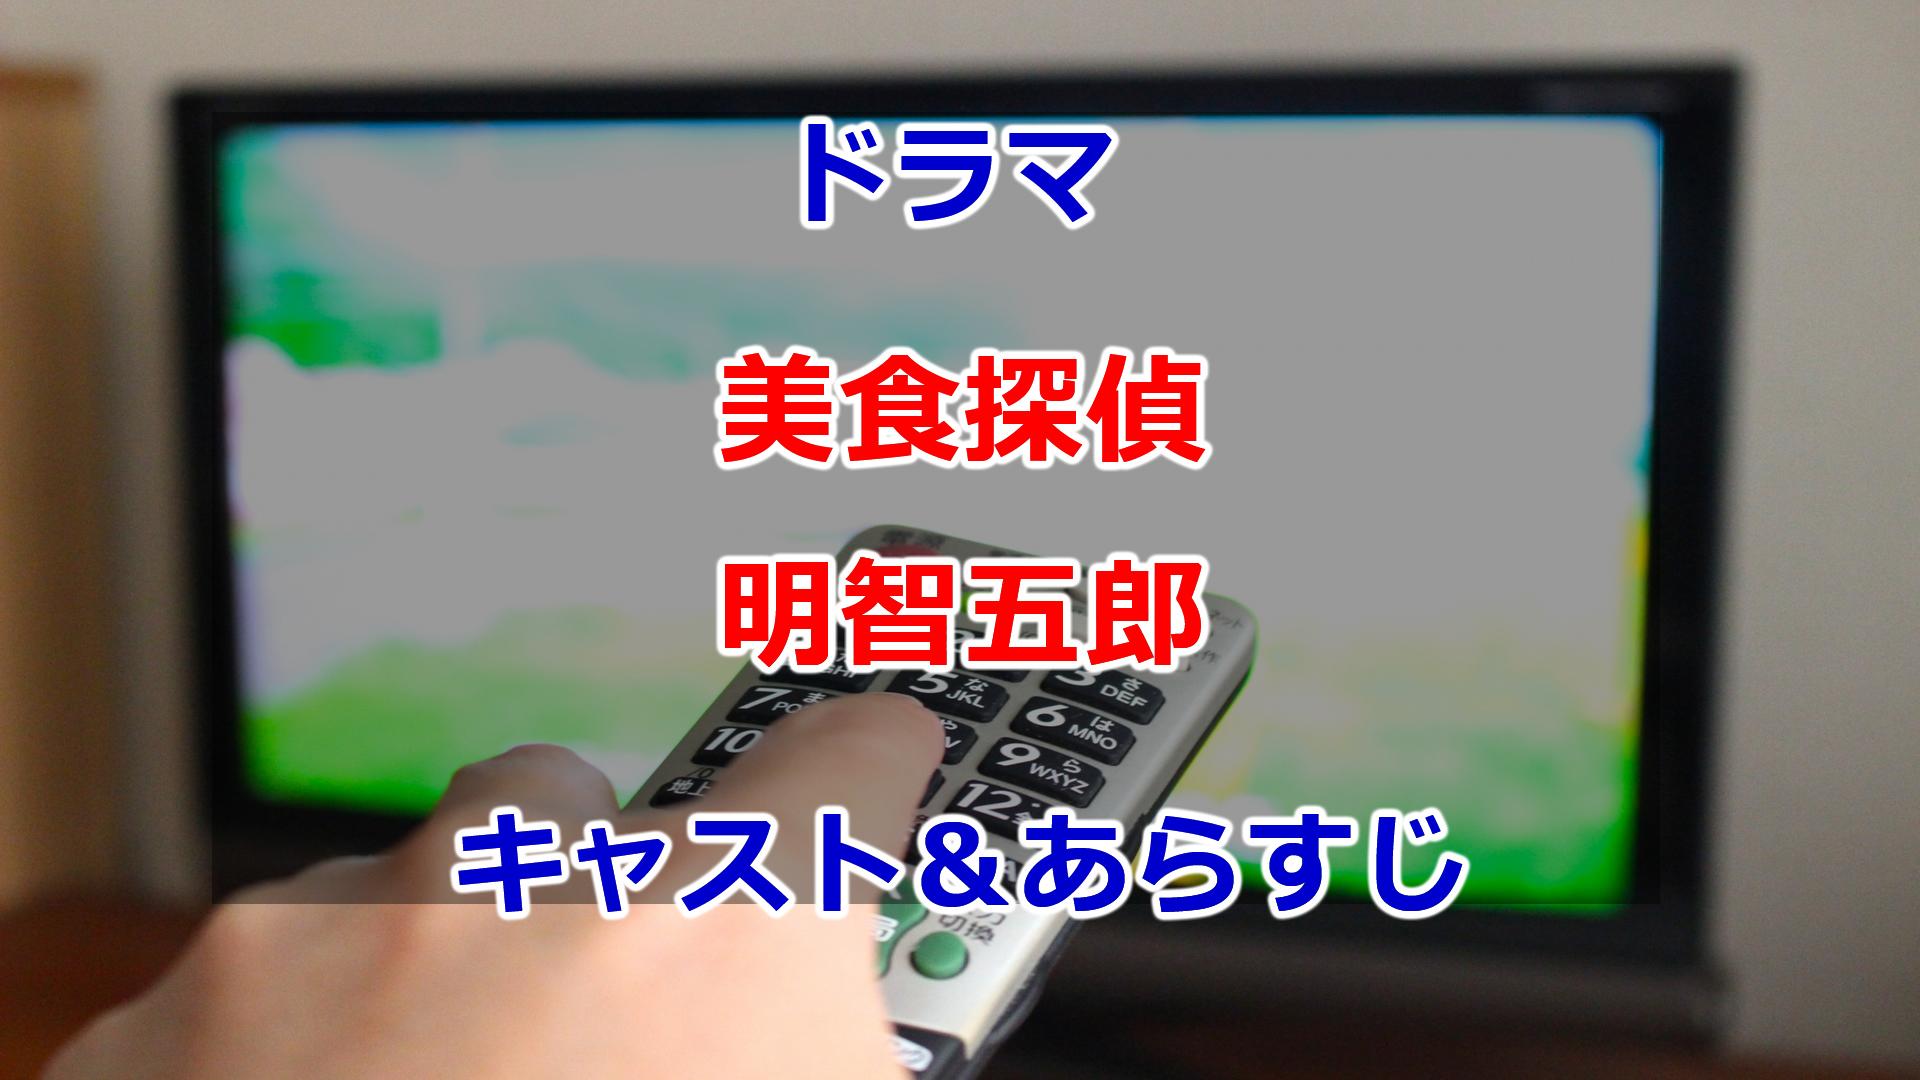 2020春ドラマ美食探偵明智五郎キャスト&あらすじ